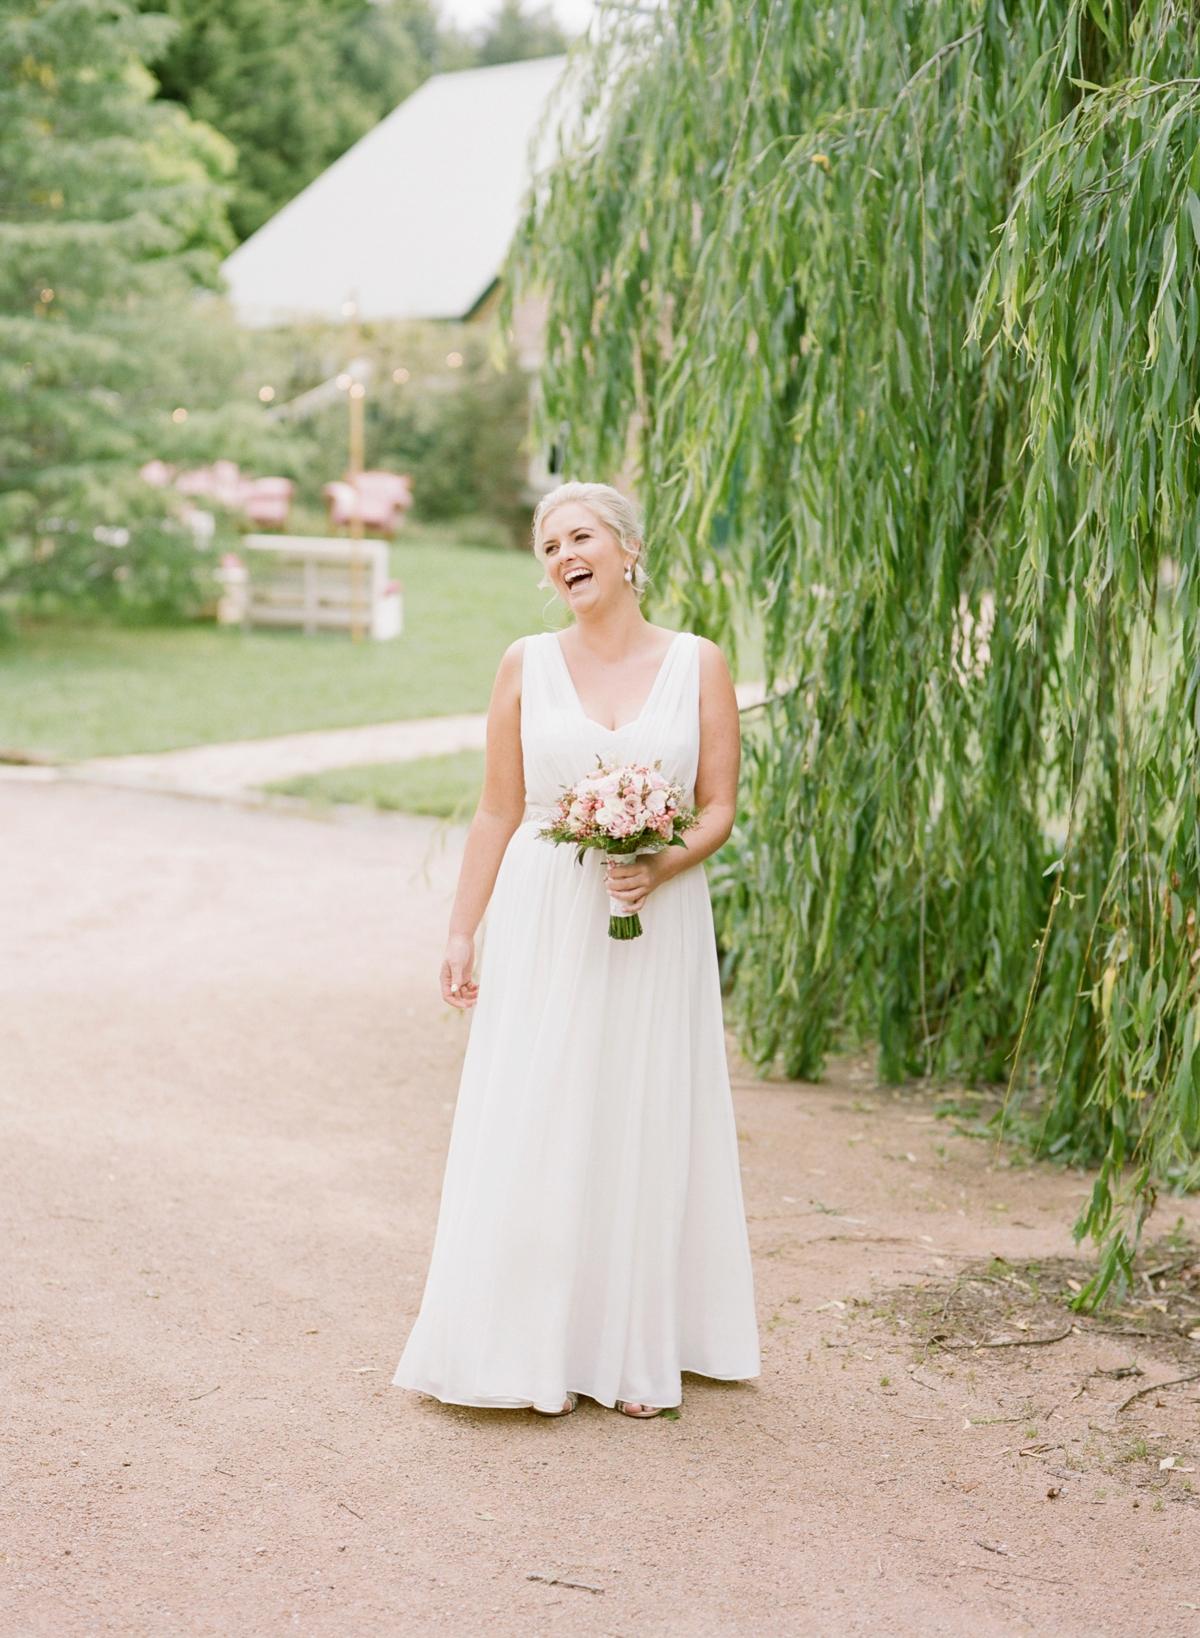 Montrose Berry Farm A photographers favourite wedding venues006.jpg